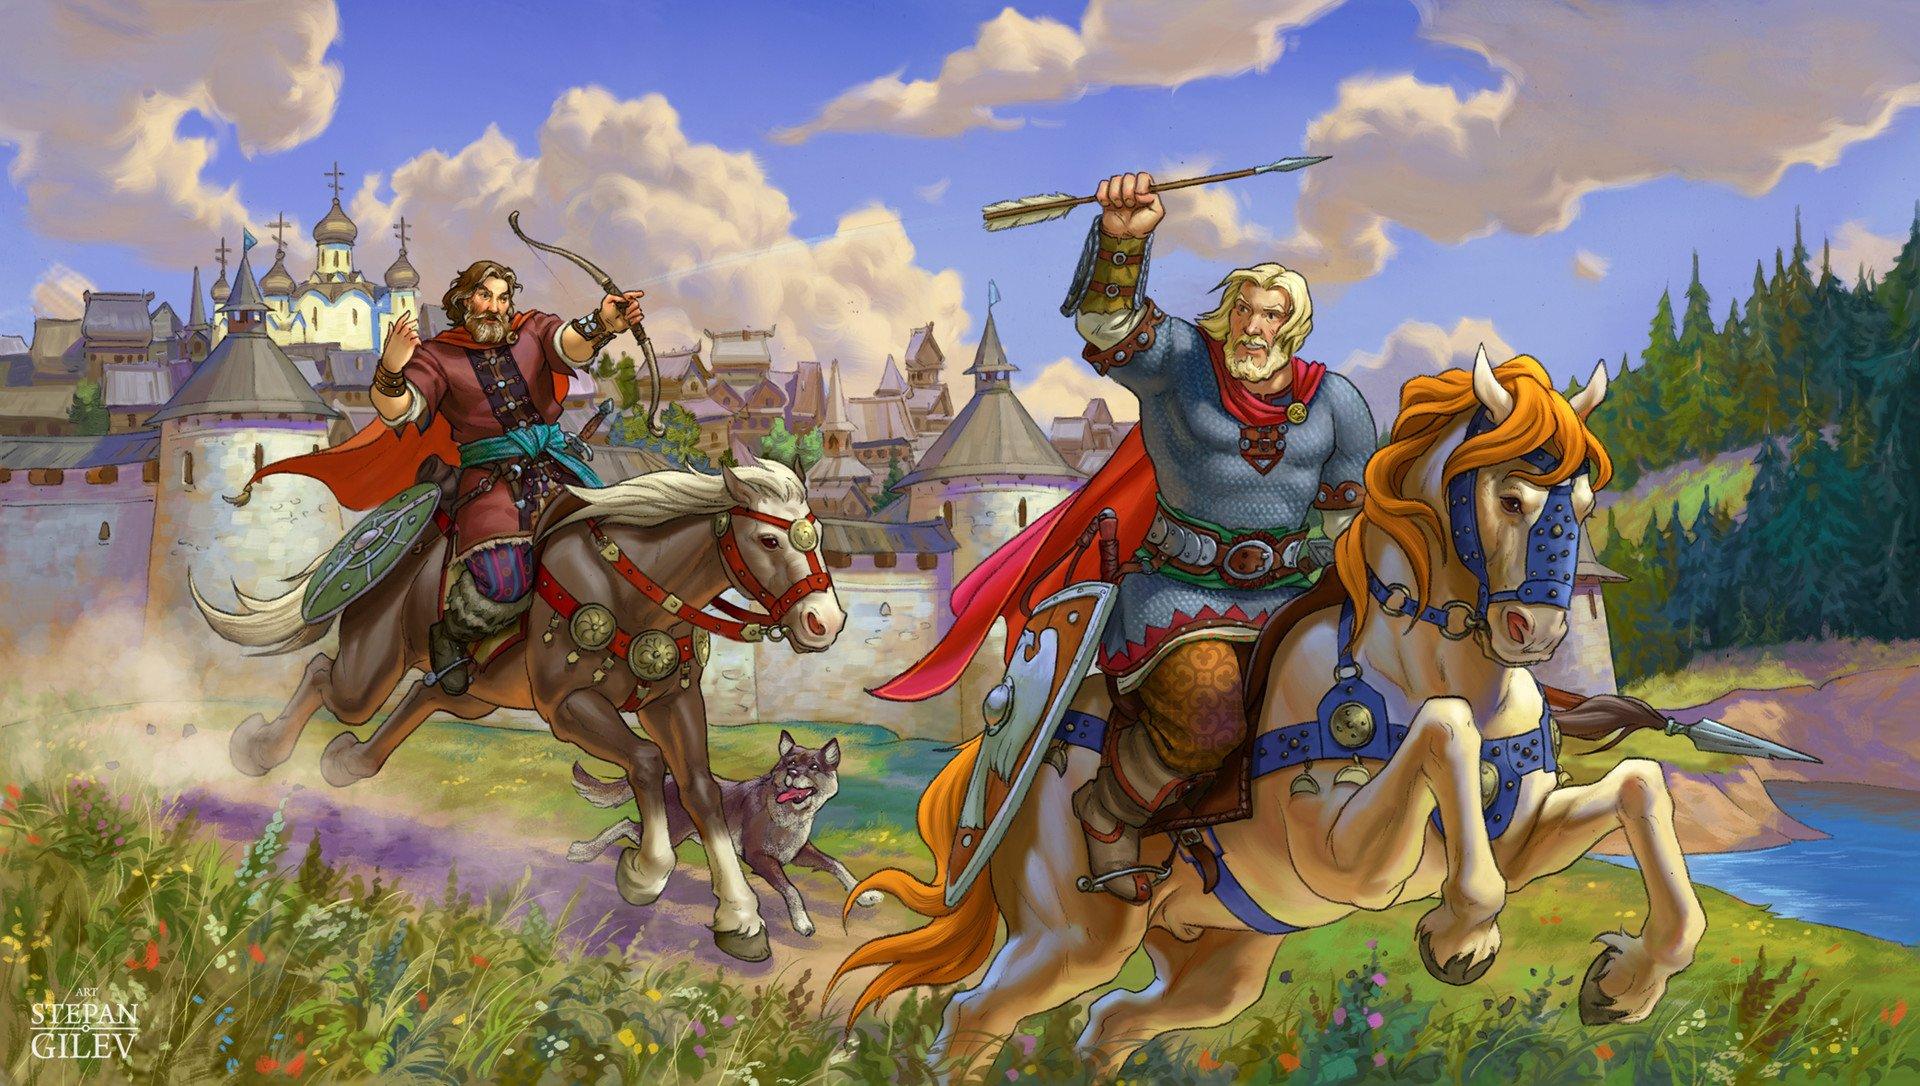 картинка русского богатыря в бою преимущества